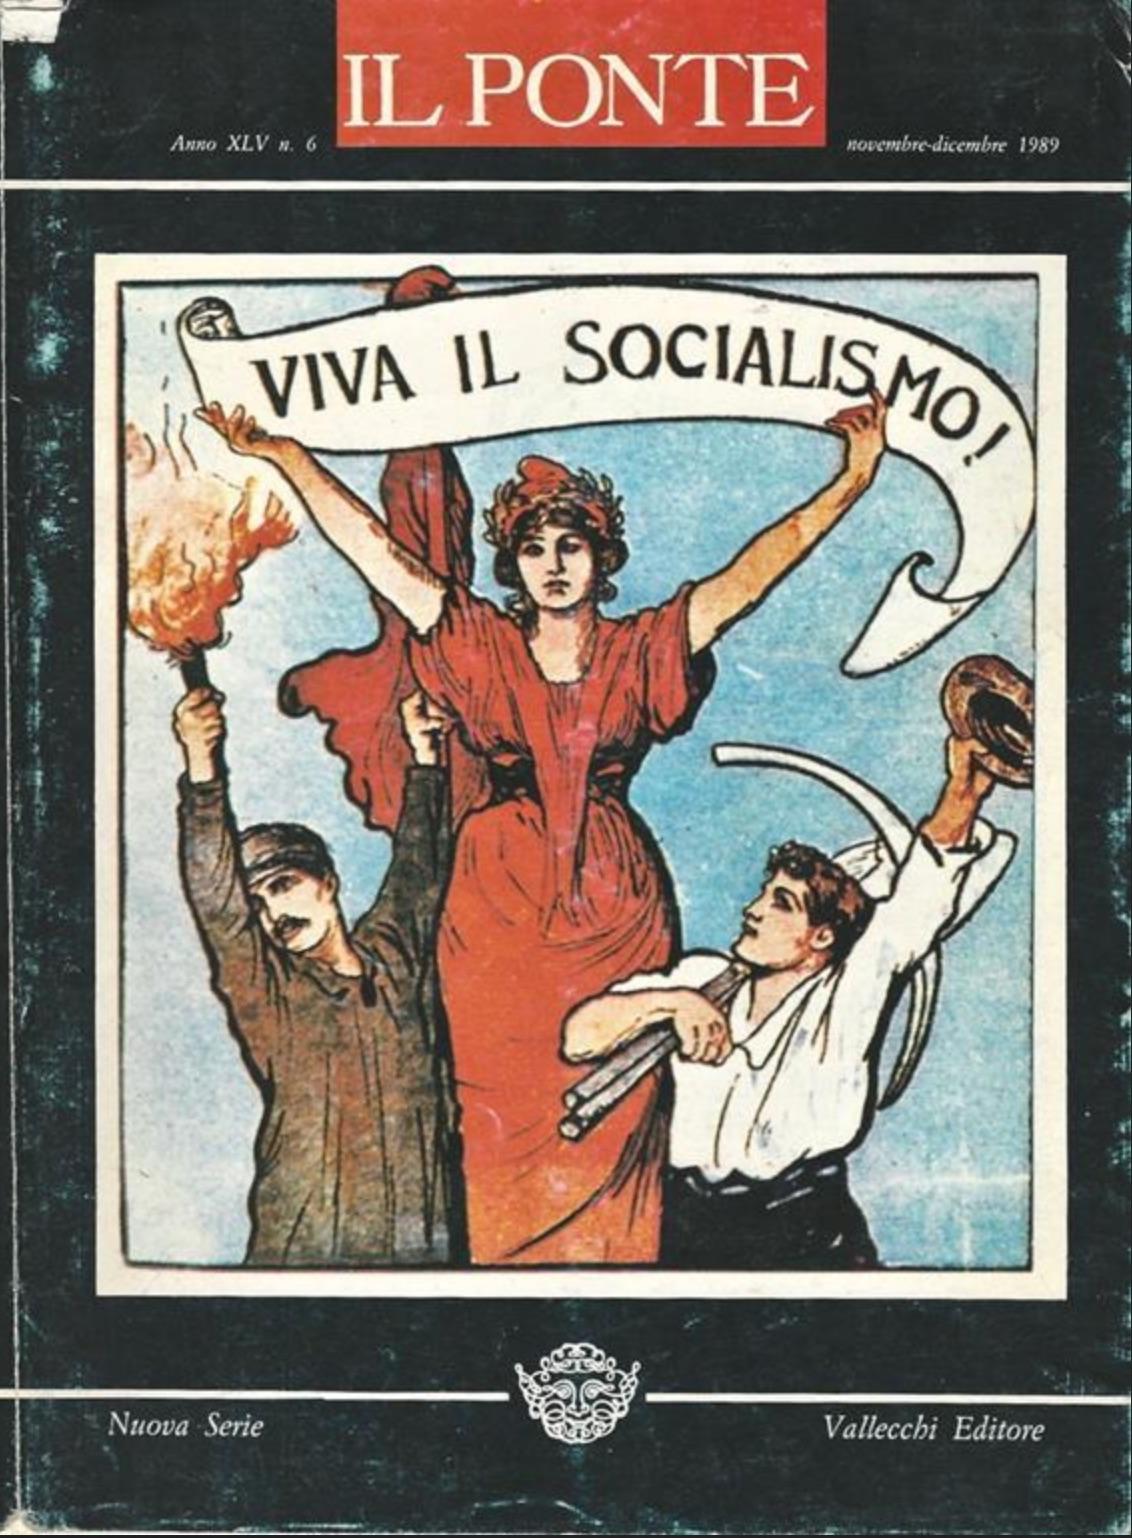 Viva il socialismo